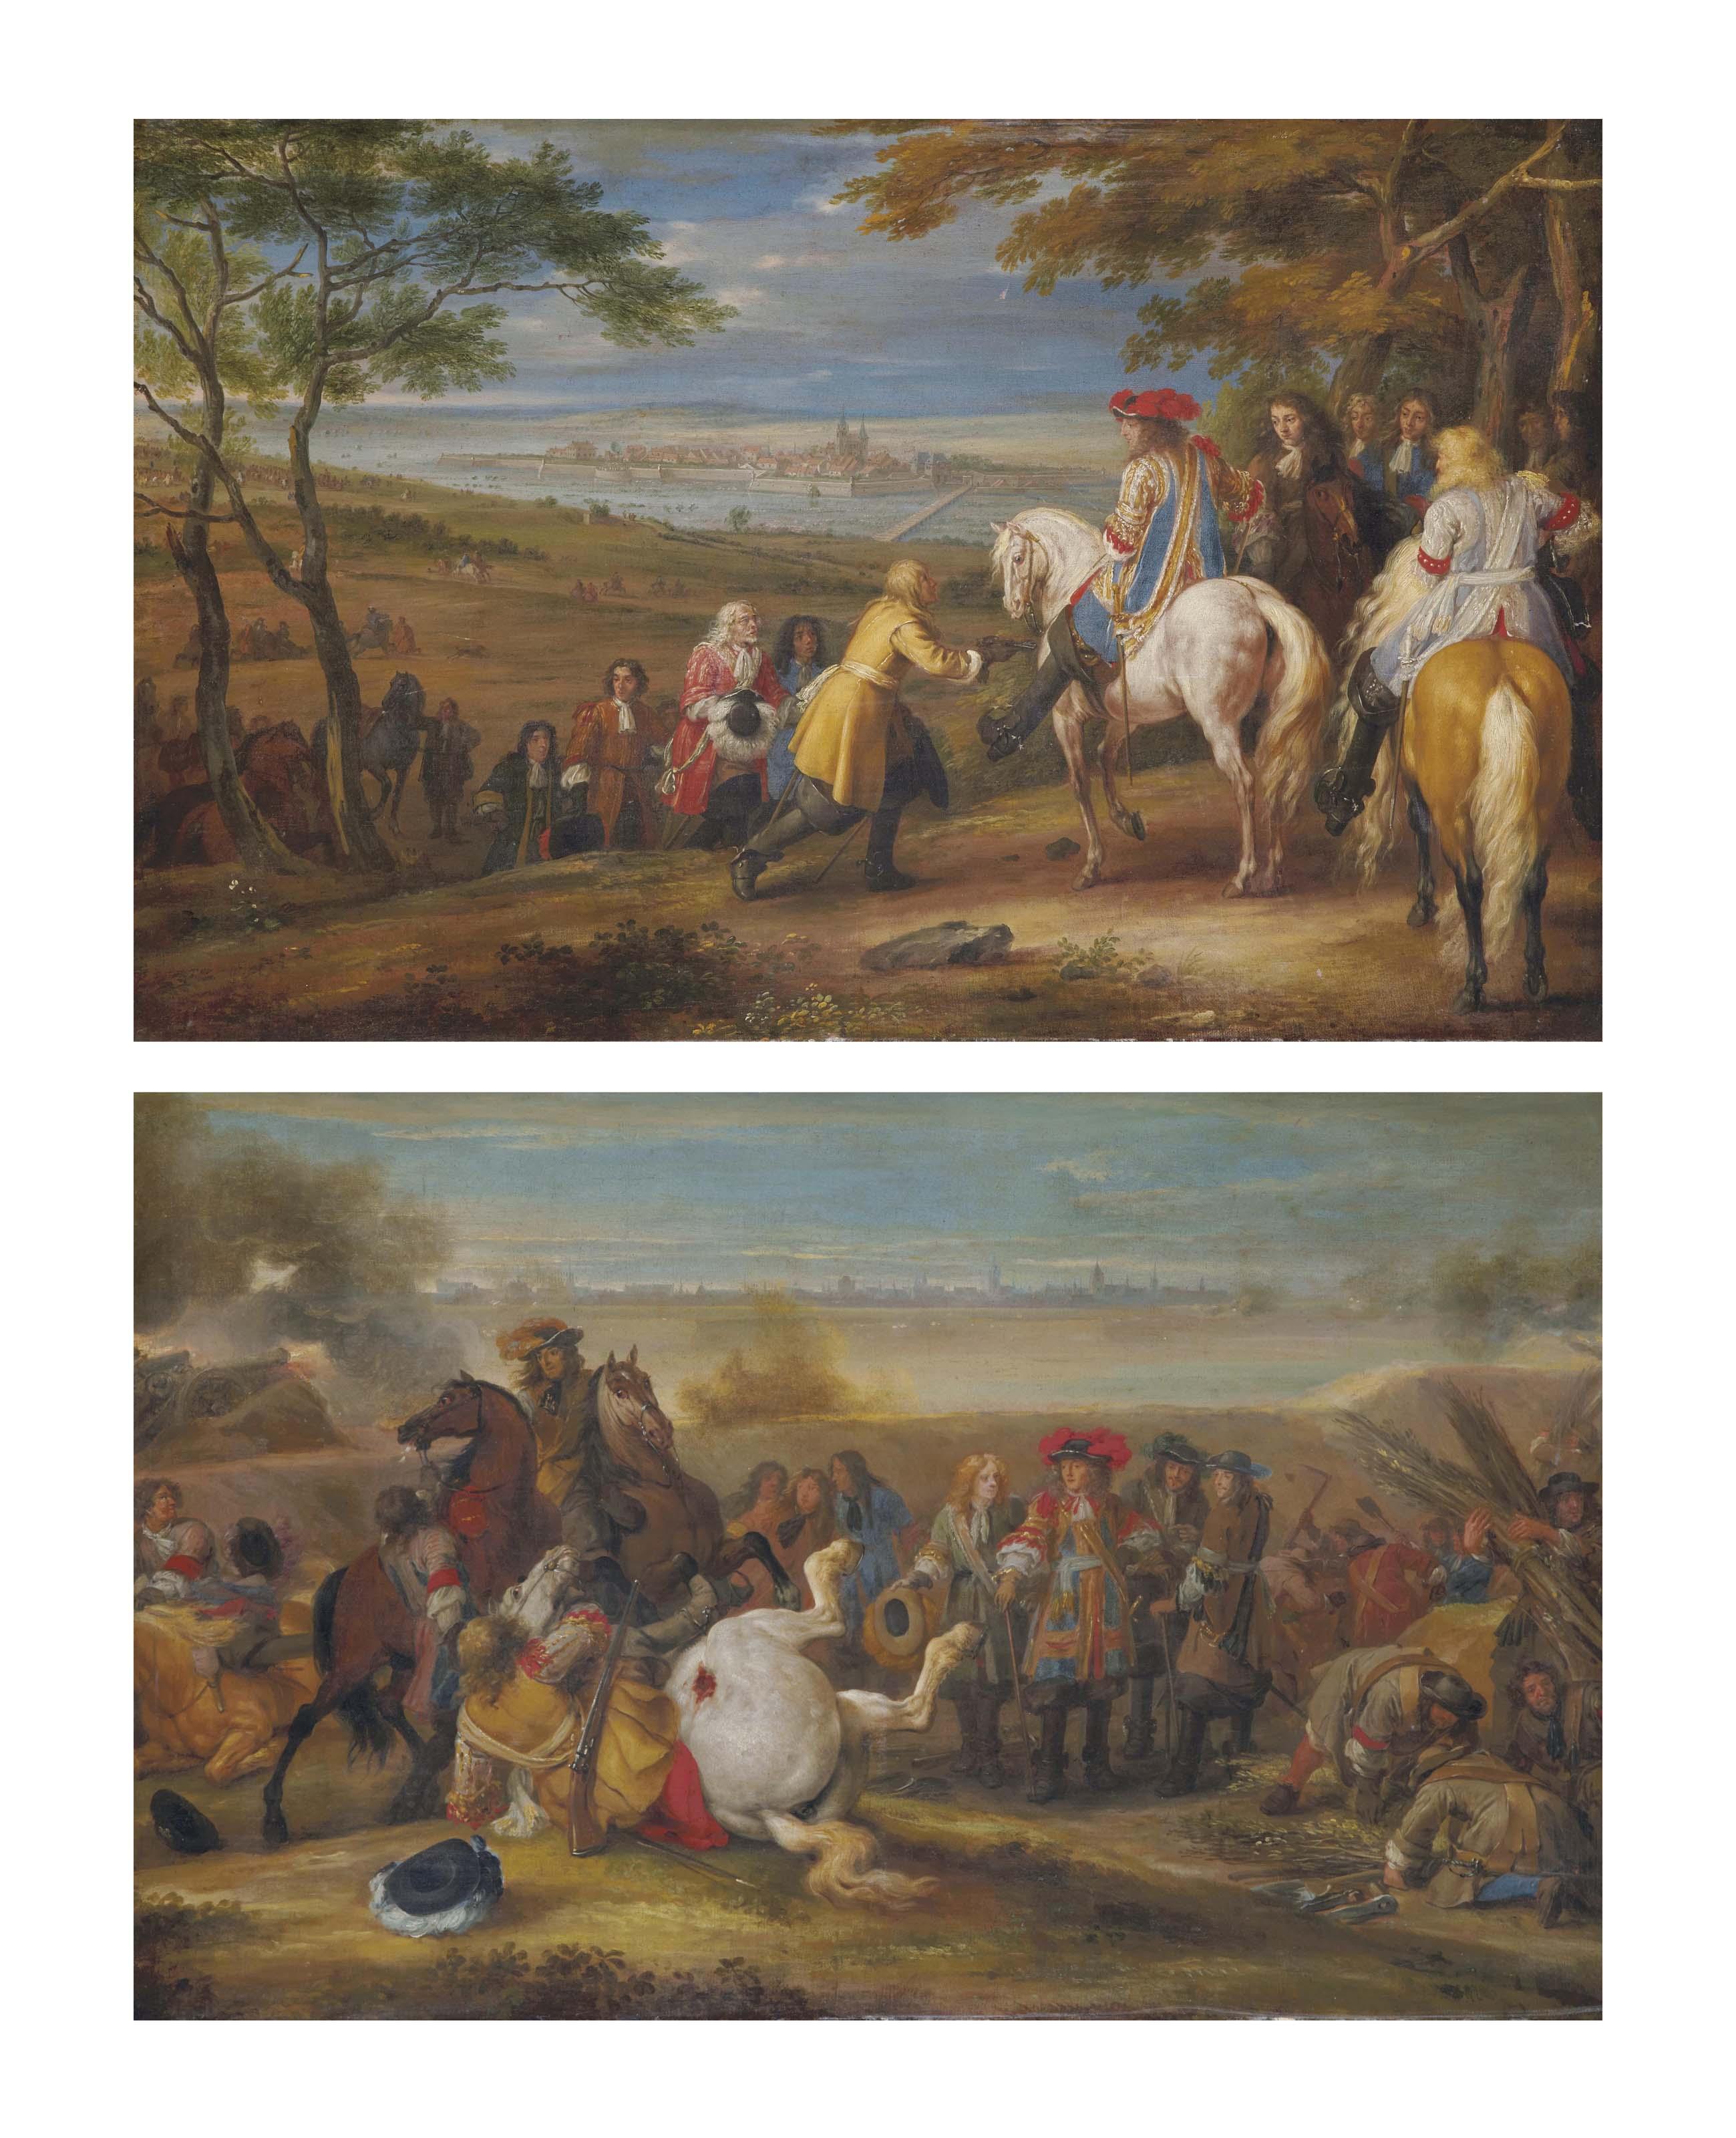 Les clés de Marsal remises à Louis XIV, le 1er septembre 1663; et Le Siège de Douai en juillet 1667